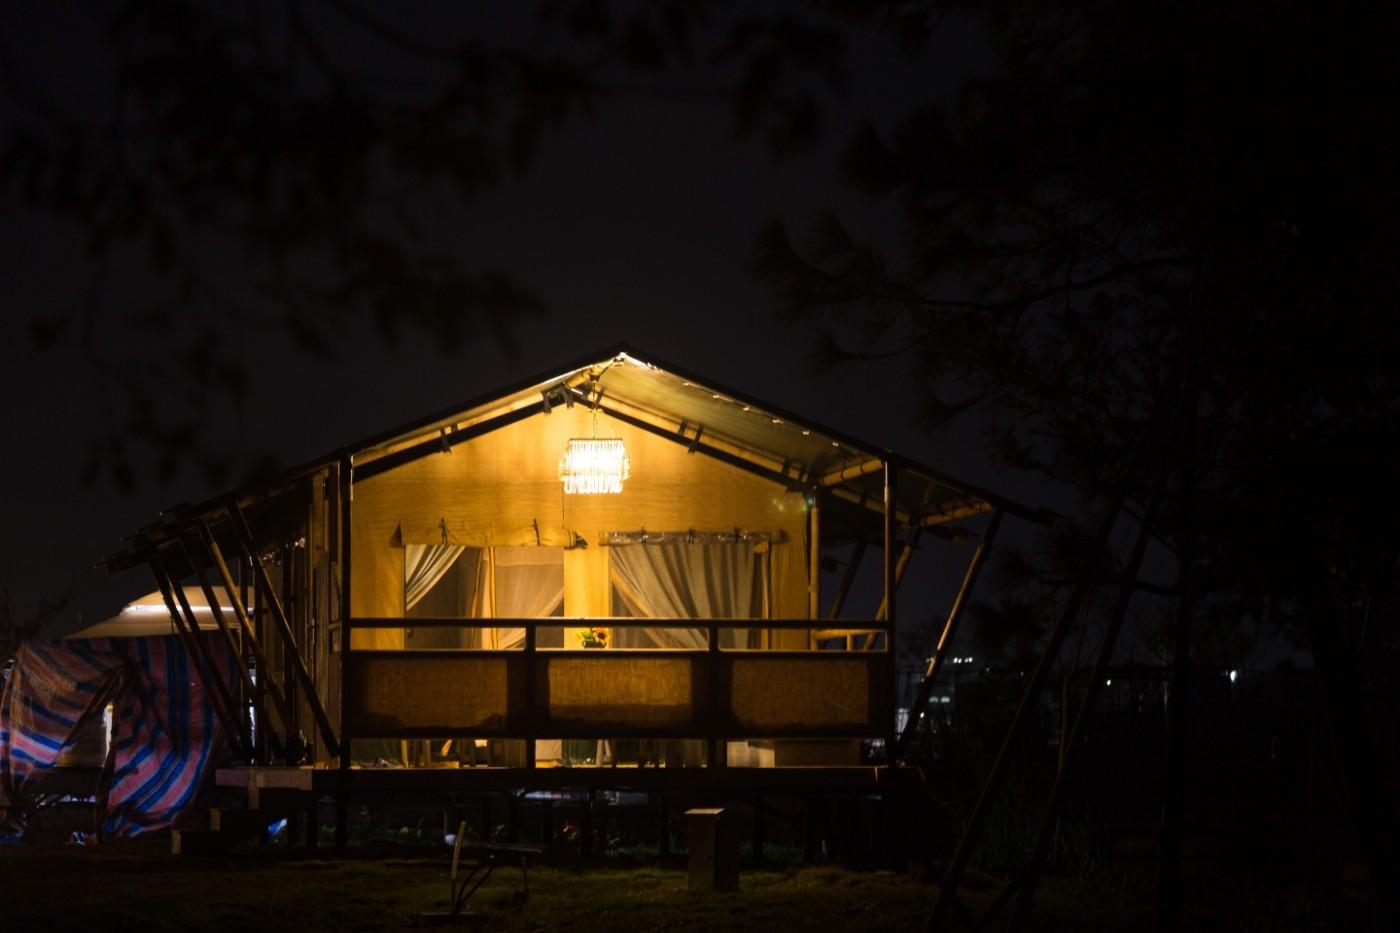 喜马拉雅野奢帐篷酒店—浙江留香之家露营地(54平)21